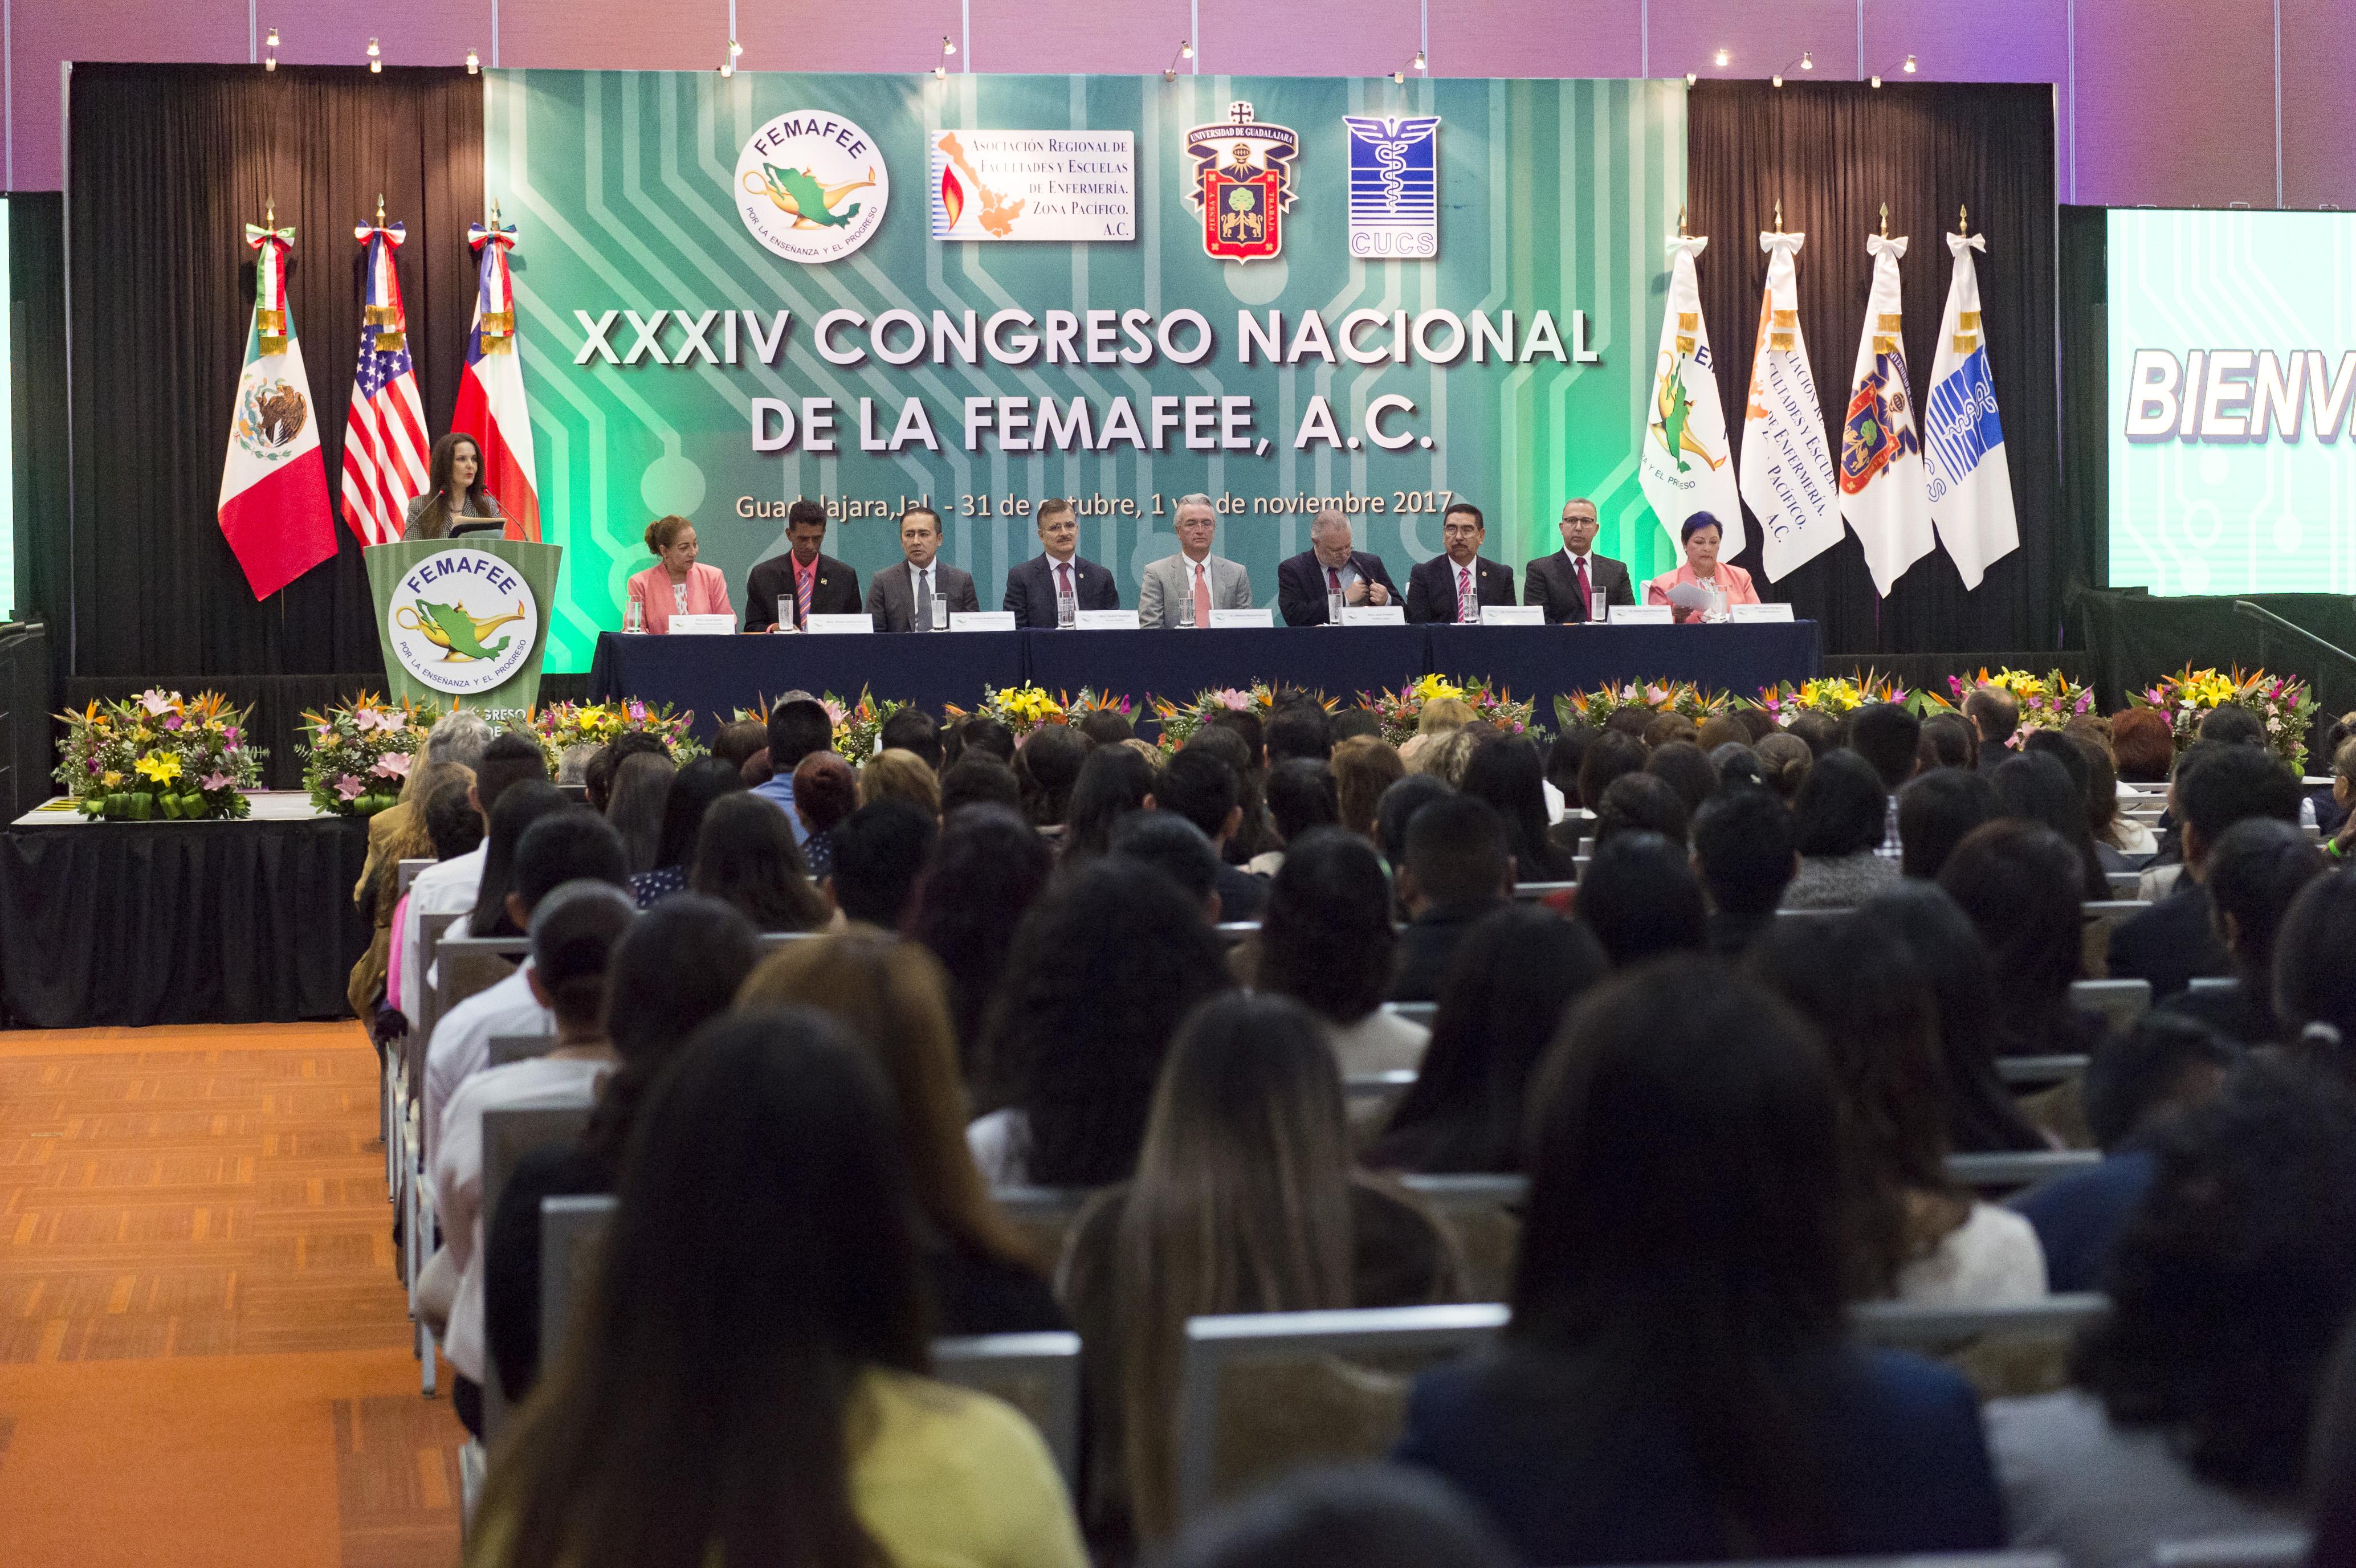 Ceremonia de inauguración del XXXIV Congreso Nacional de la Federación Mexicana de Asociaciones de Facultades y Escuelas de Enfermaría (FEMAFEE).